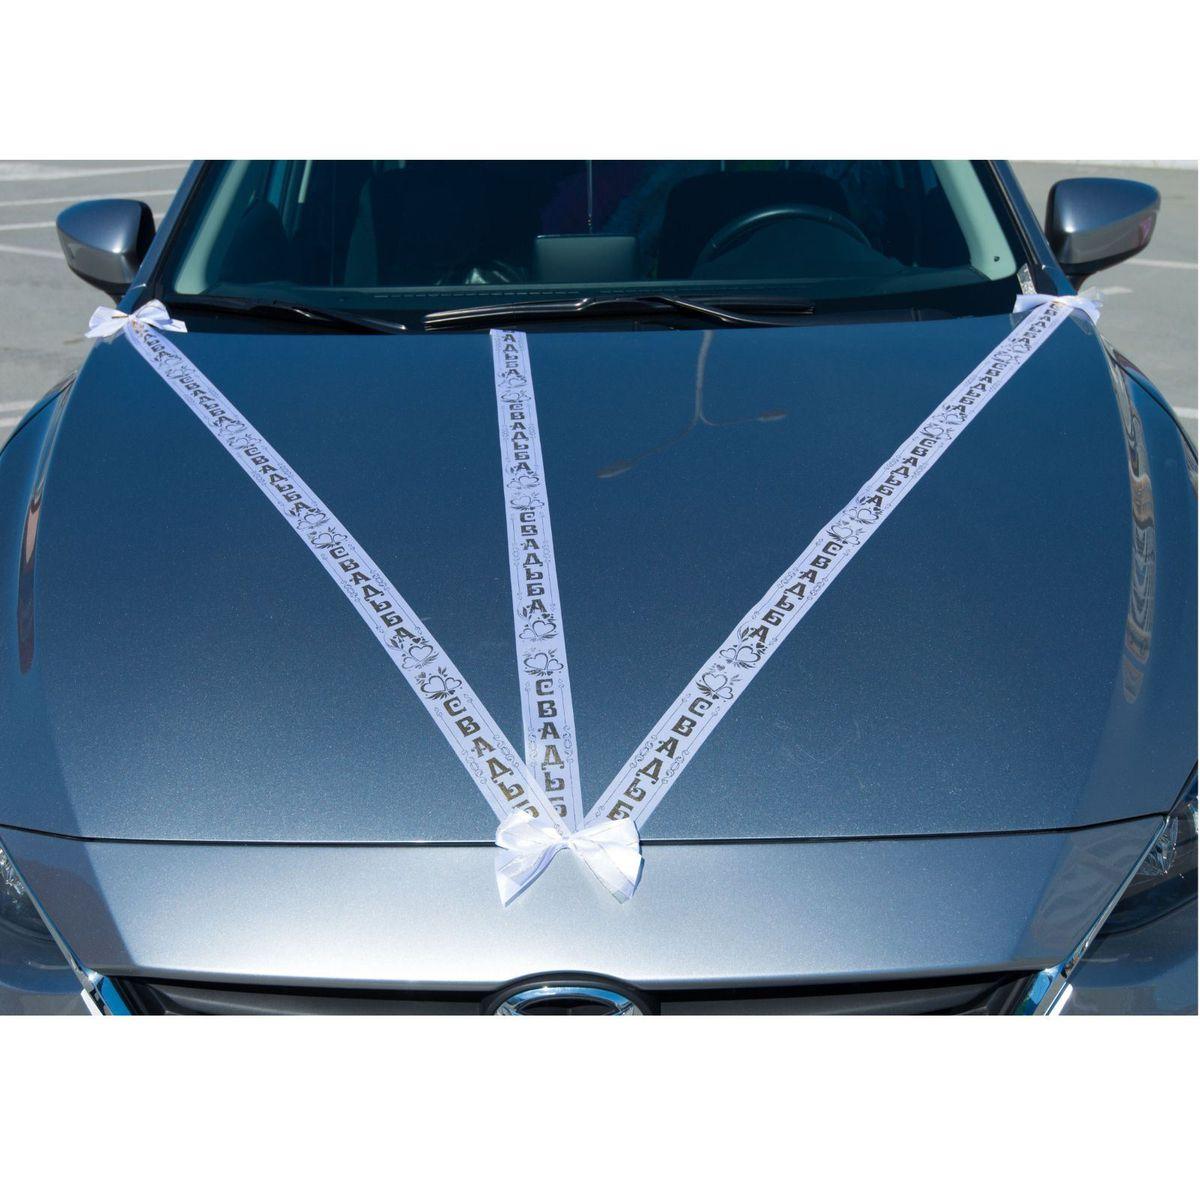 Набор лент для свадебного авто Sima-land Свадьба, цвет: мульти, 150 x 5 x 0,5 см1047695Украшение свадебного кортежа лентами, несомненно – очень красивая свадебная традиция. Набор лент для свадебного авто Свадьба подчеркнёт значимость вашего автомобиля в столь особенный день и придаст свадебному кортежу изюминку в потоке машин. Яркое и по-настоящему праздничное изделие создаст торжественную атмосферу в такой сказочный день. Лента изготовлена из искрящегося атласного материала с нанесением уникальных надписей, а также декорирована очаровательным бантом, соединяющим 3 её части по центру.